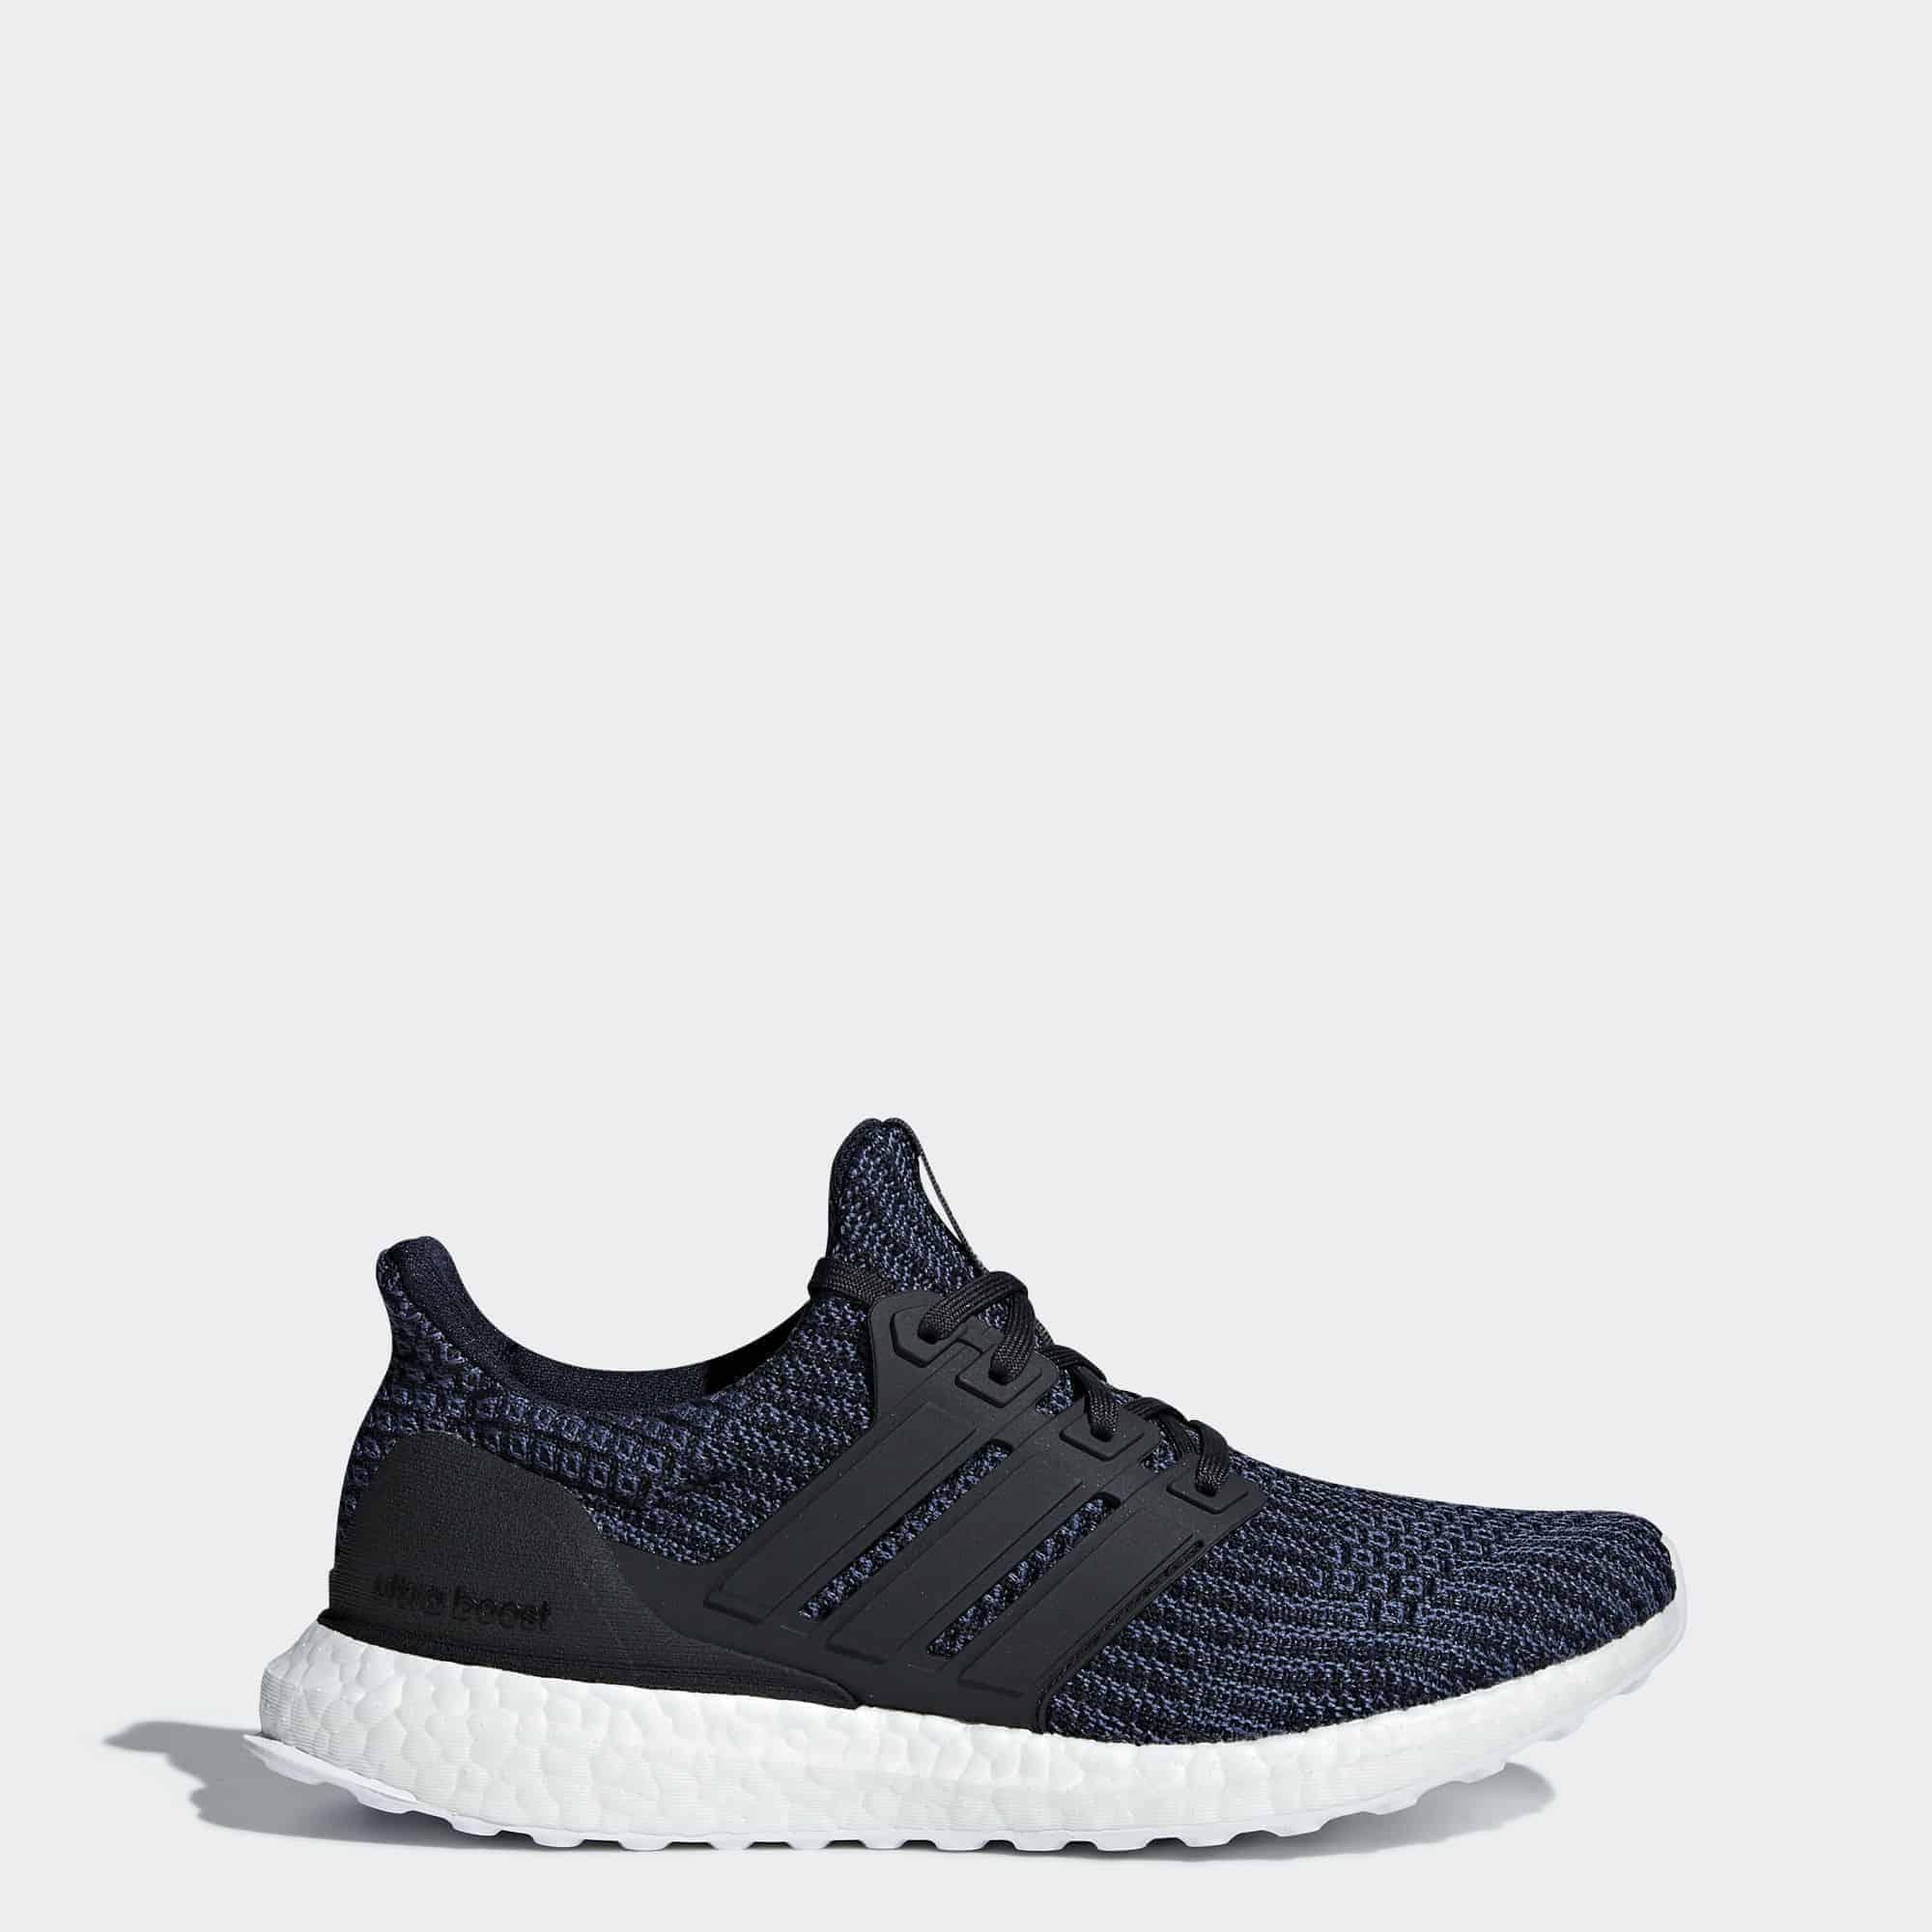 Кроссовки для бега Adidas Ultraboost Parley женские